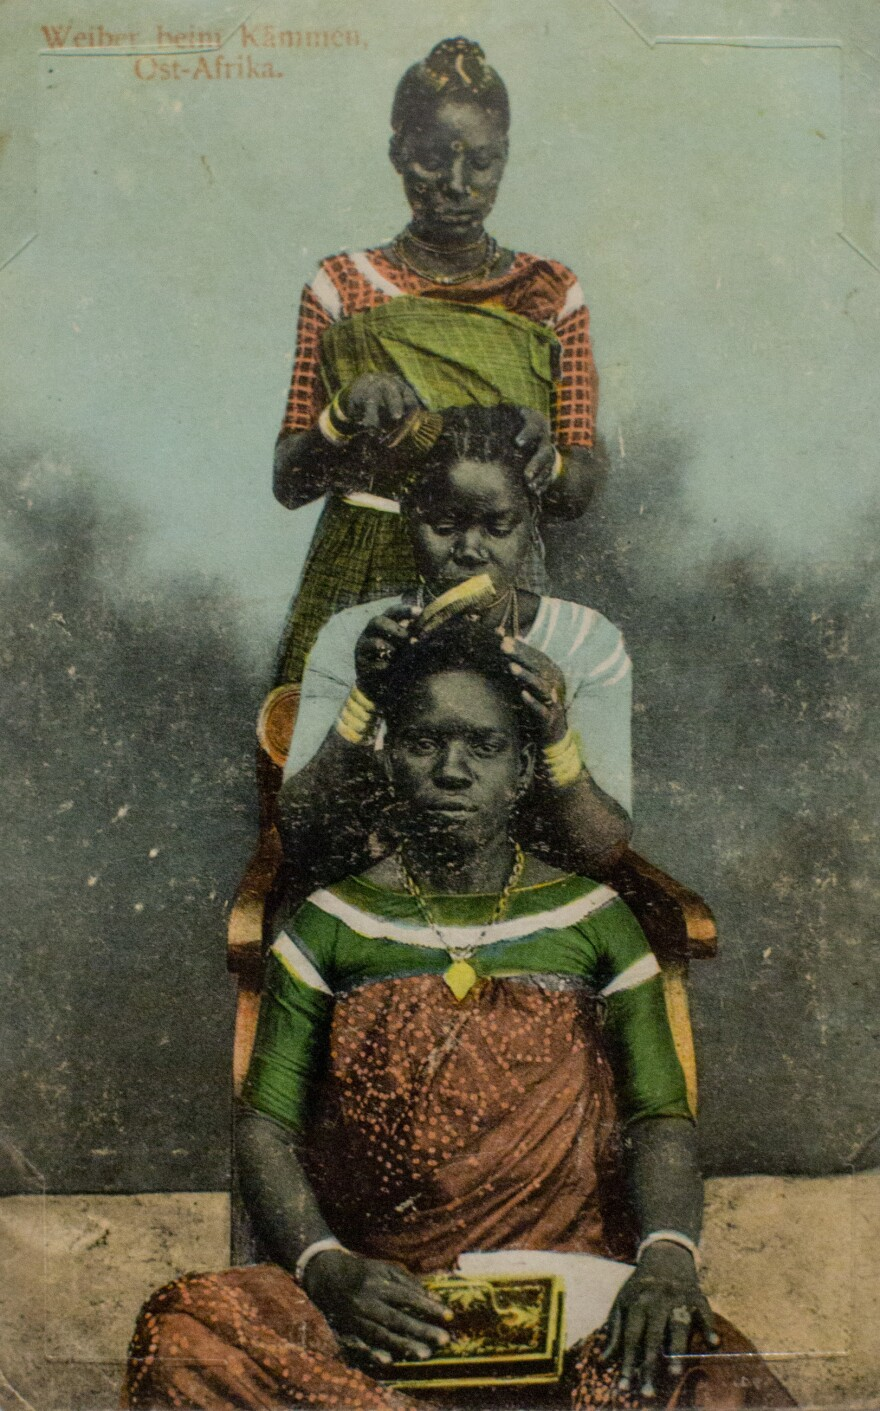 <em>Weiber beim Kammen, Ost-Afrika</em> (present-day Tanzania) by J.P. Fernandes. Photograph taken before 1900; postcard printed circa 1912.